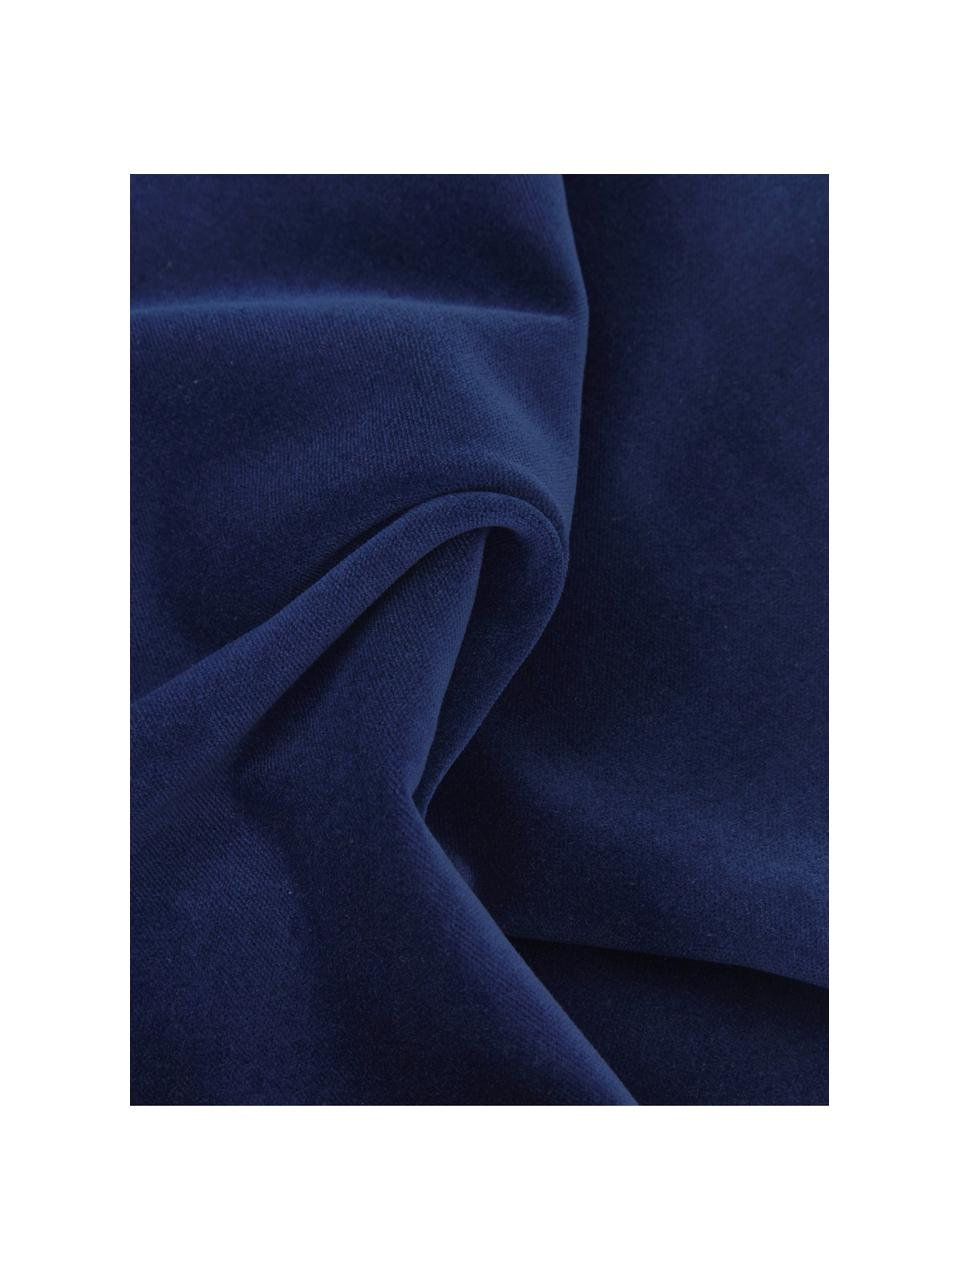 Federa arredo in velluto blu navy Dana, 100% velluto di cotone, Blu marino, Larg. 50 x Lung. 50 cm